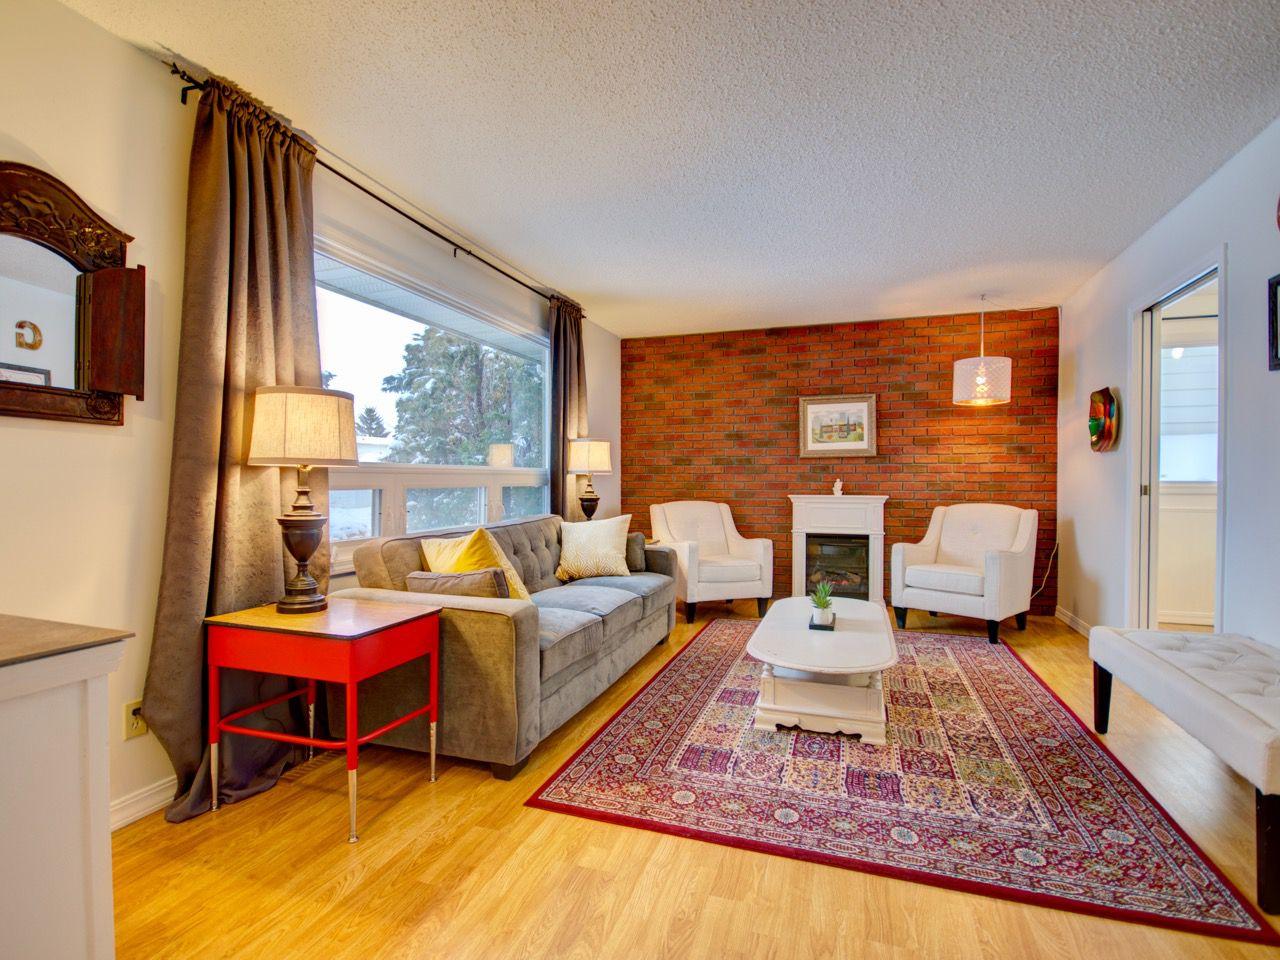 Main Photo: 6811 40 AV NW in Edmonton: Zone 29 House for sale : MLS®# E4143575